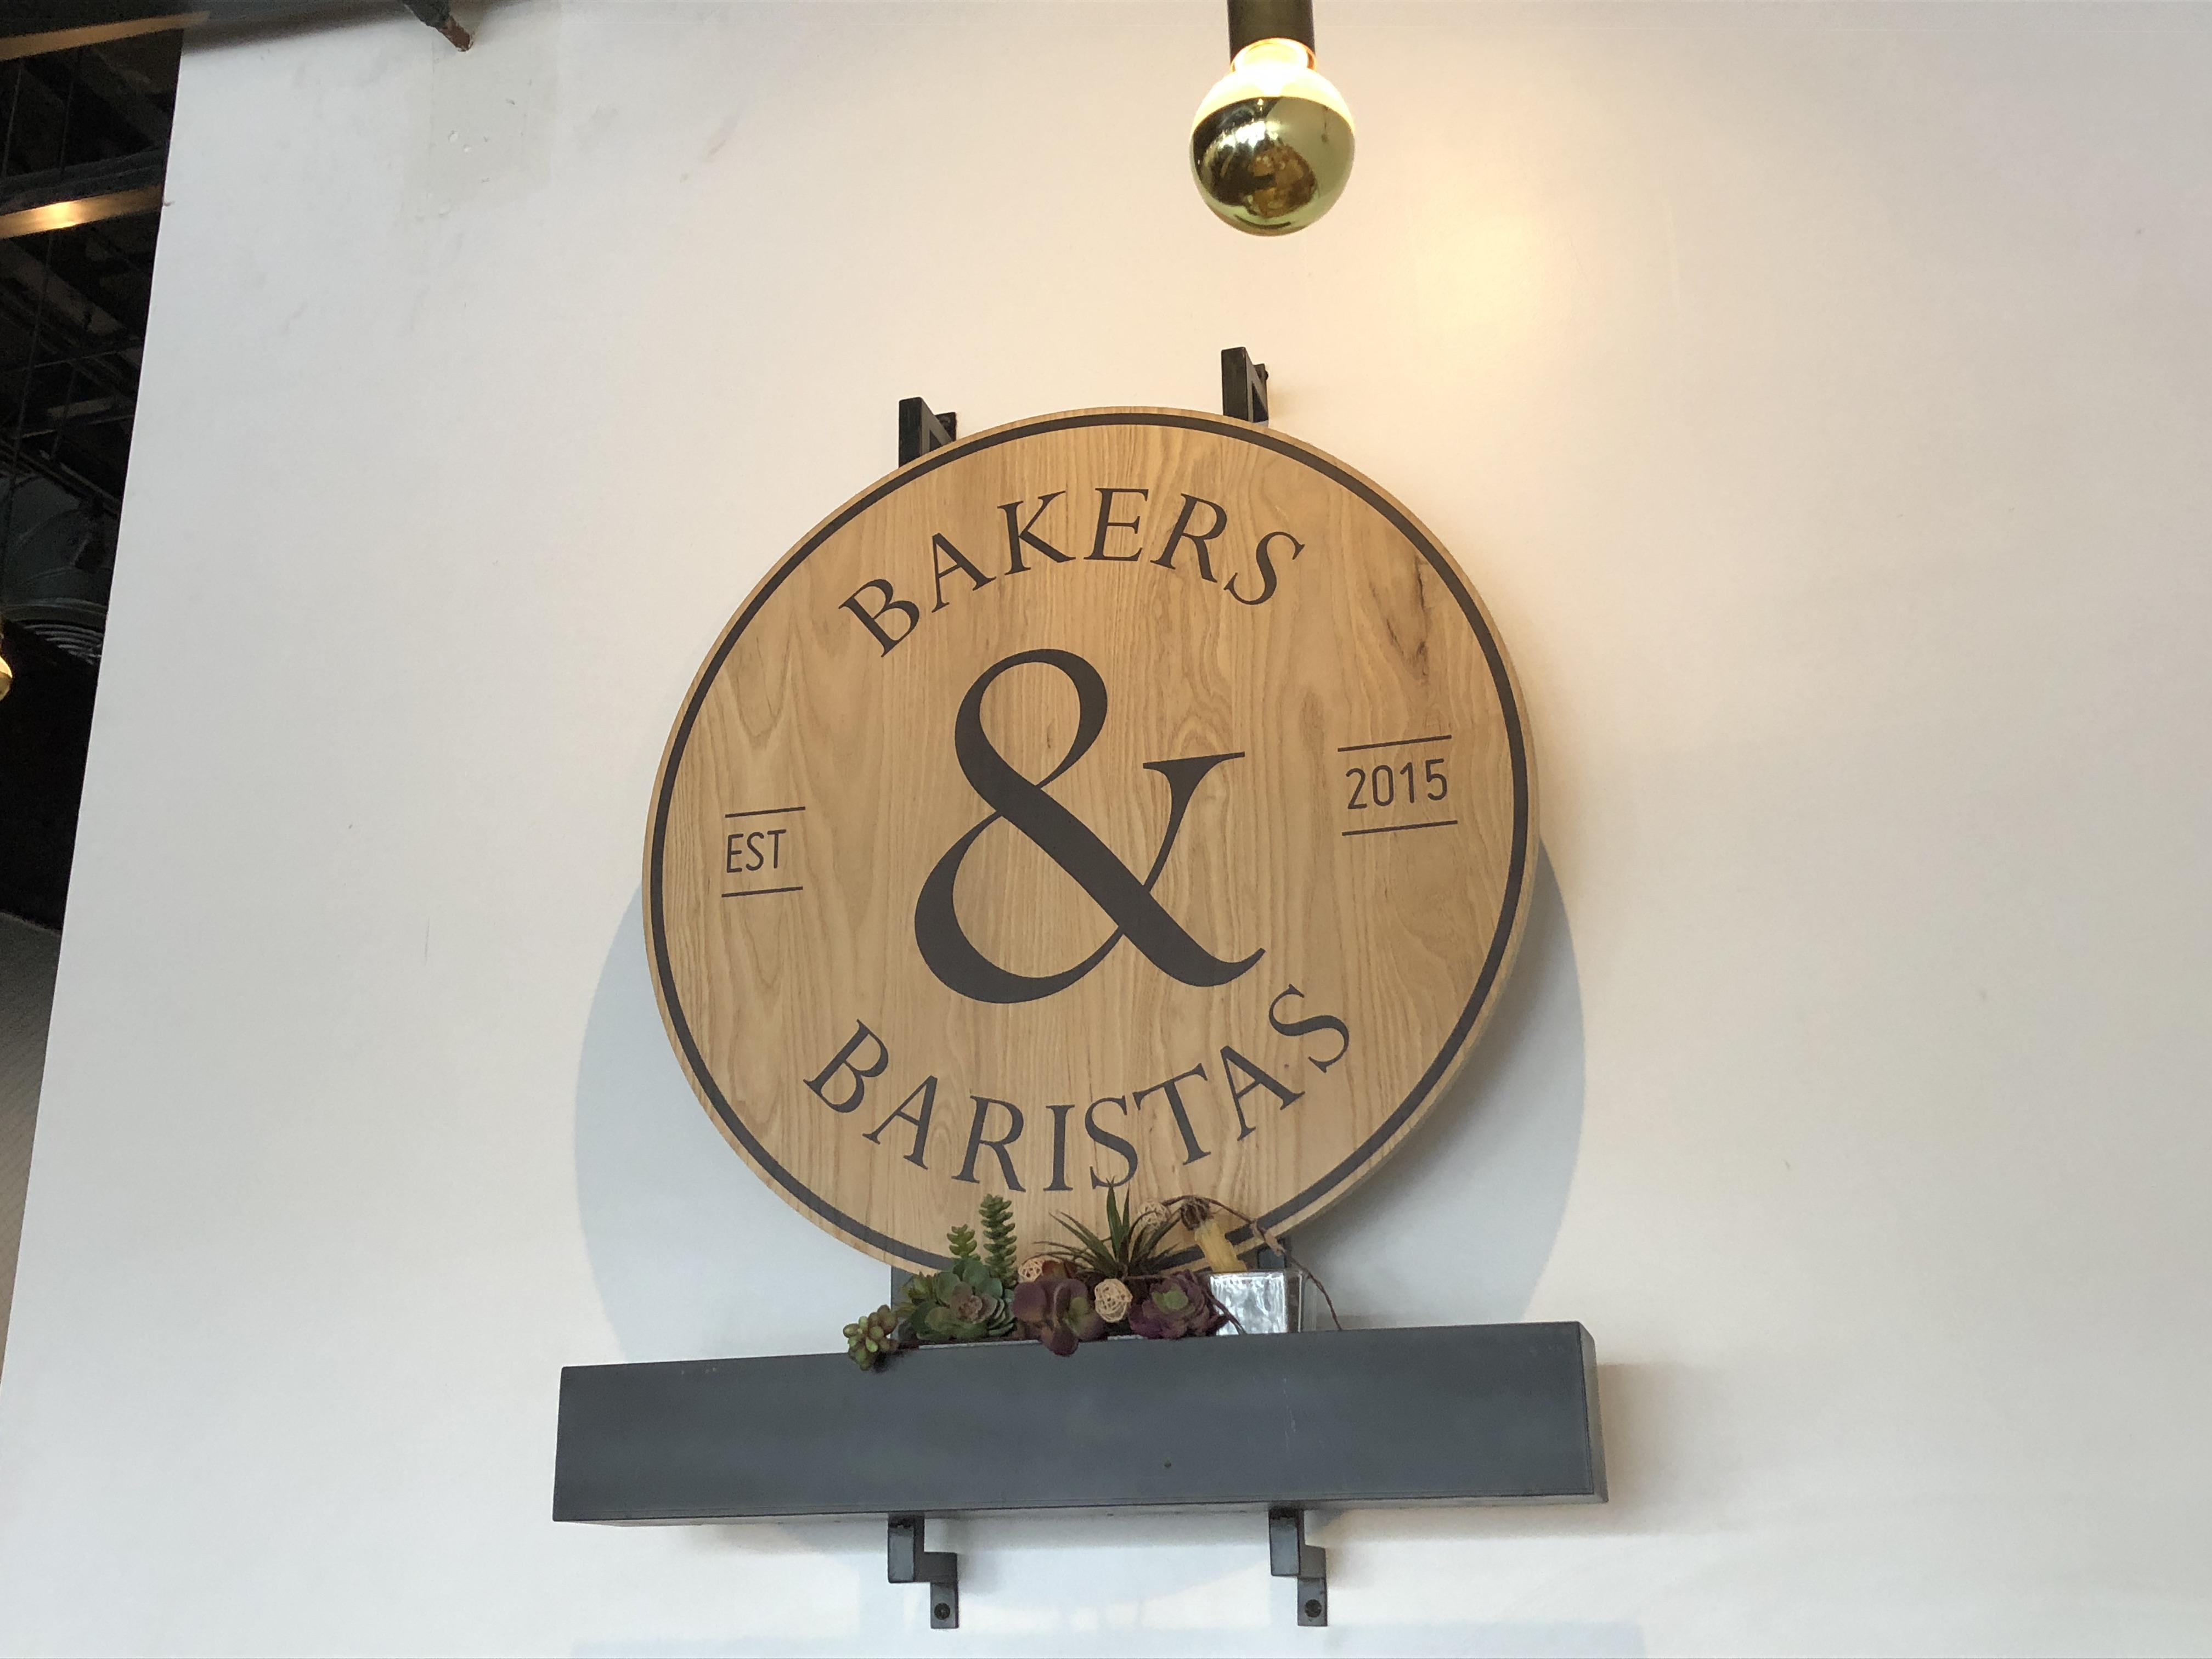 お気に入りカフェ〜Bakers&Baristas